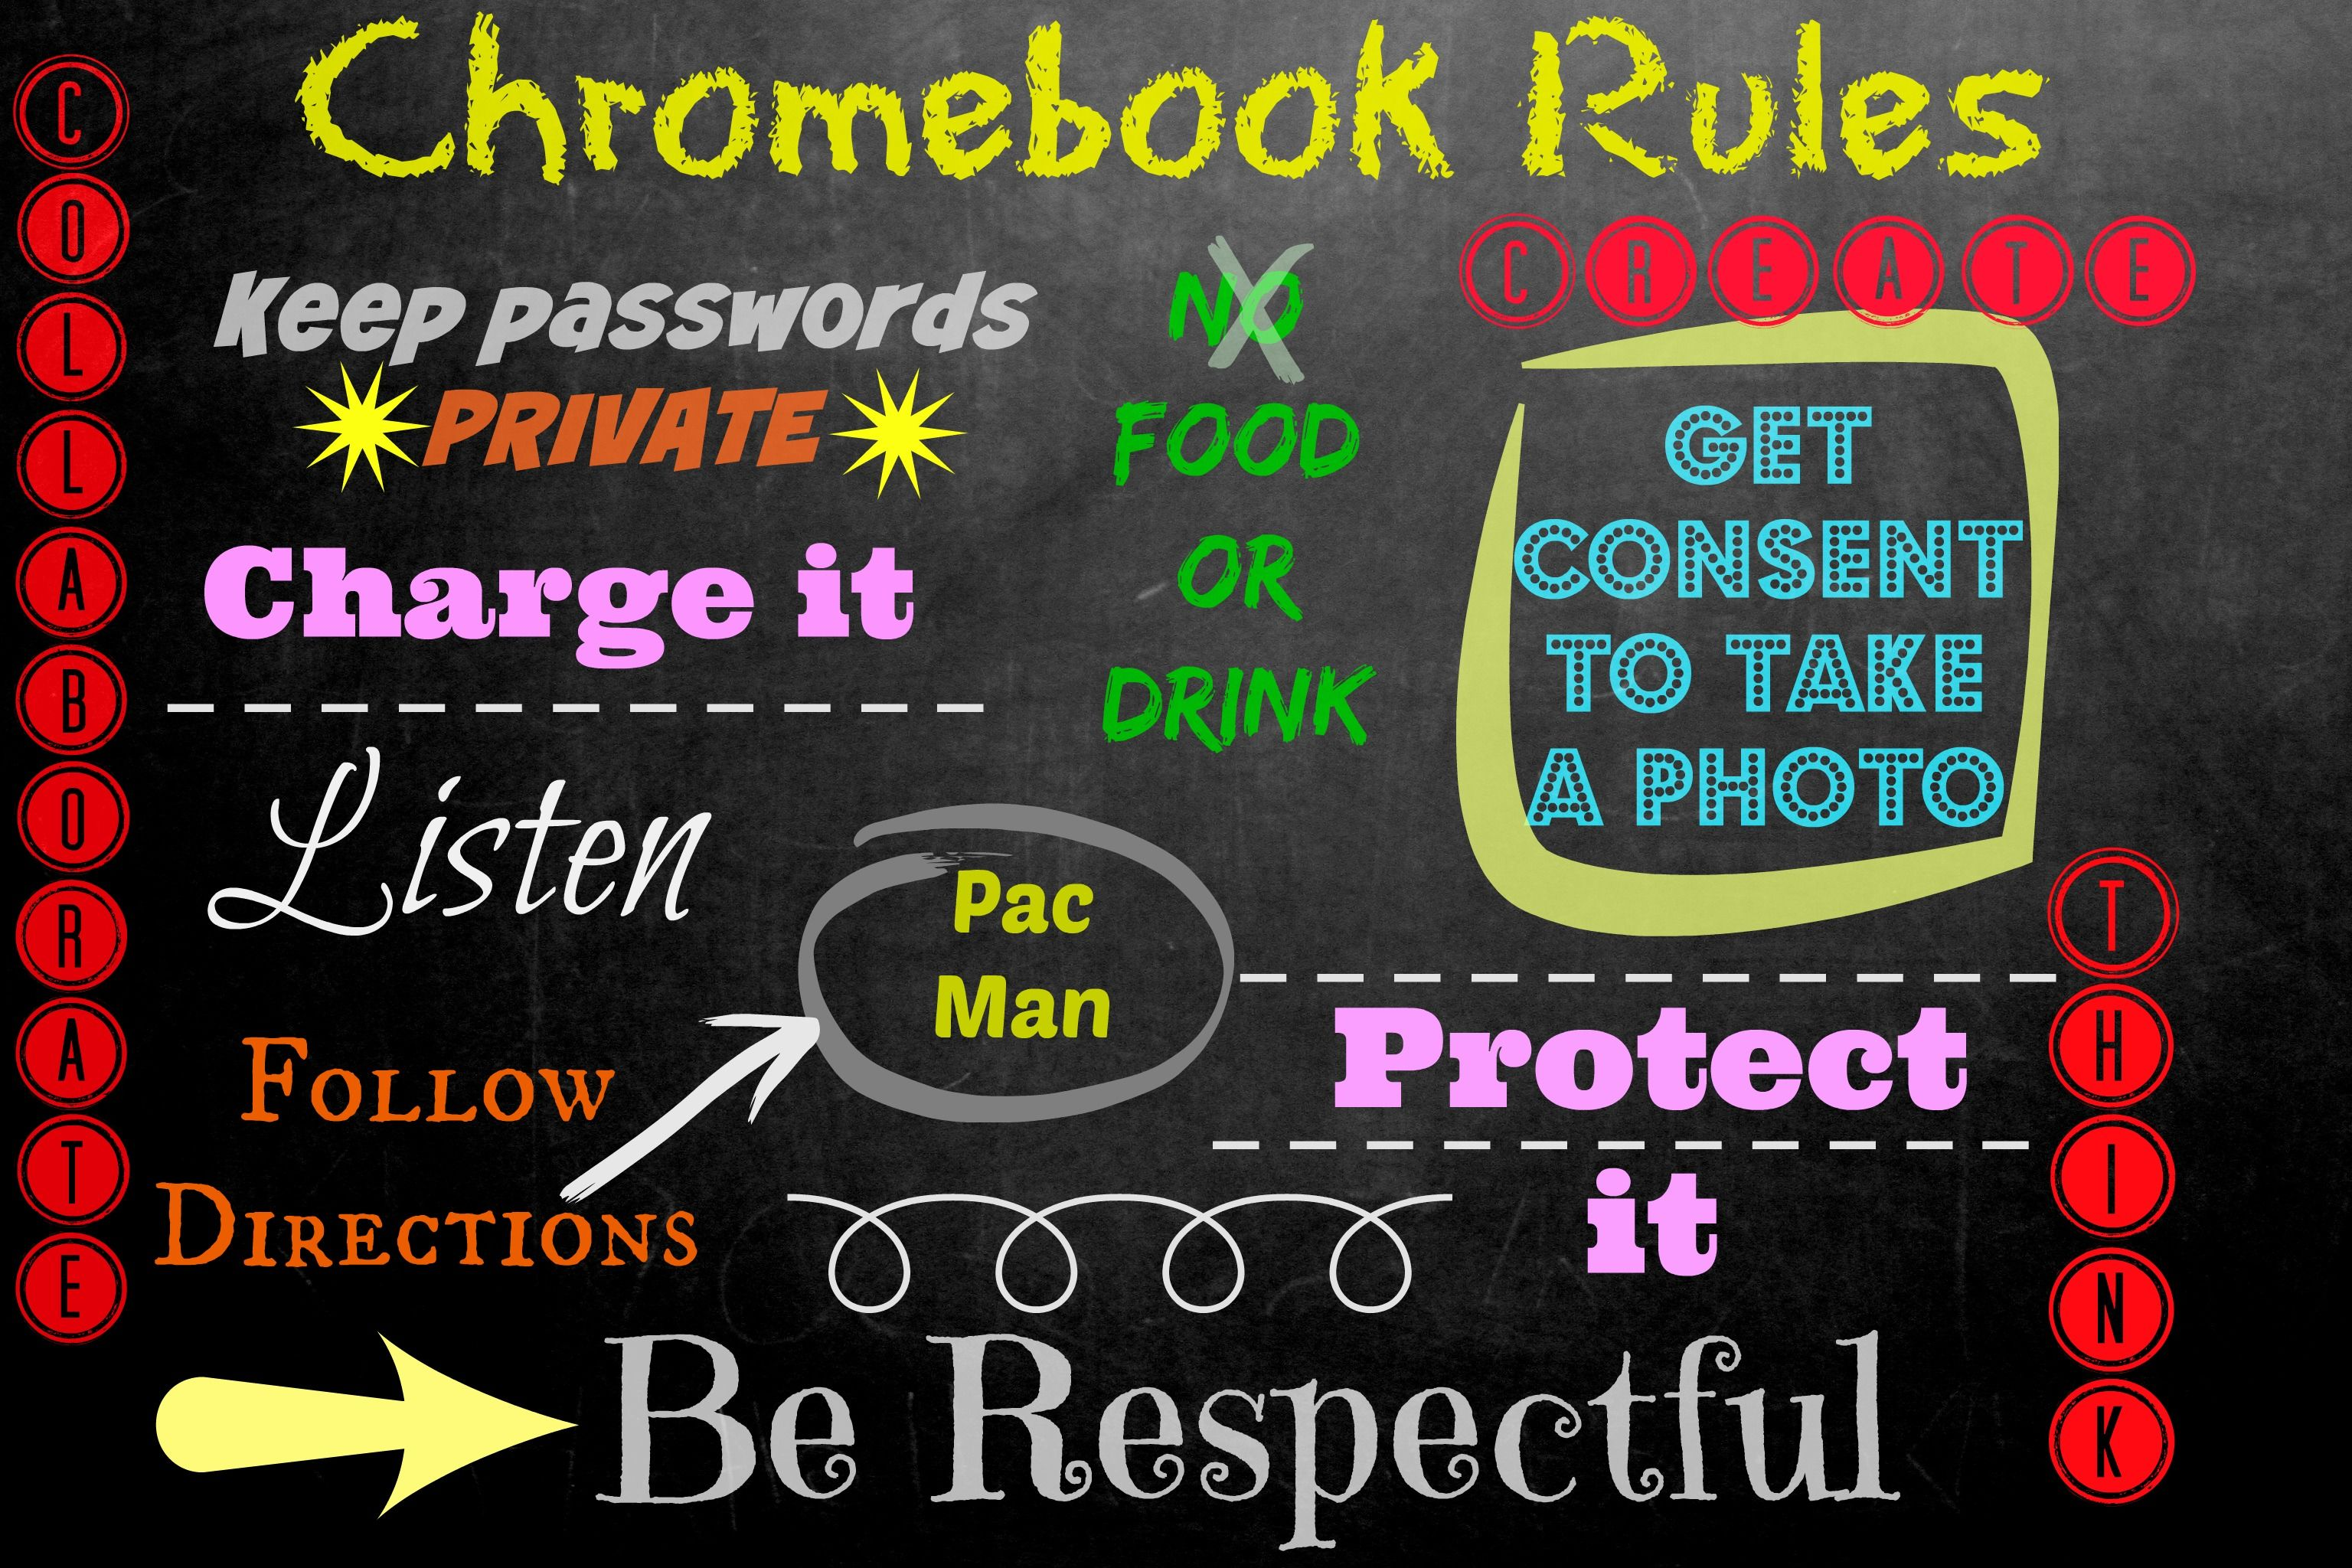 Chromebook Rules